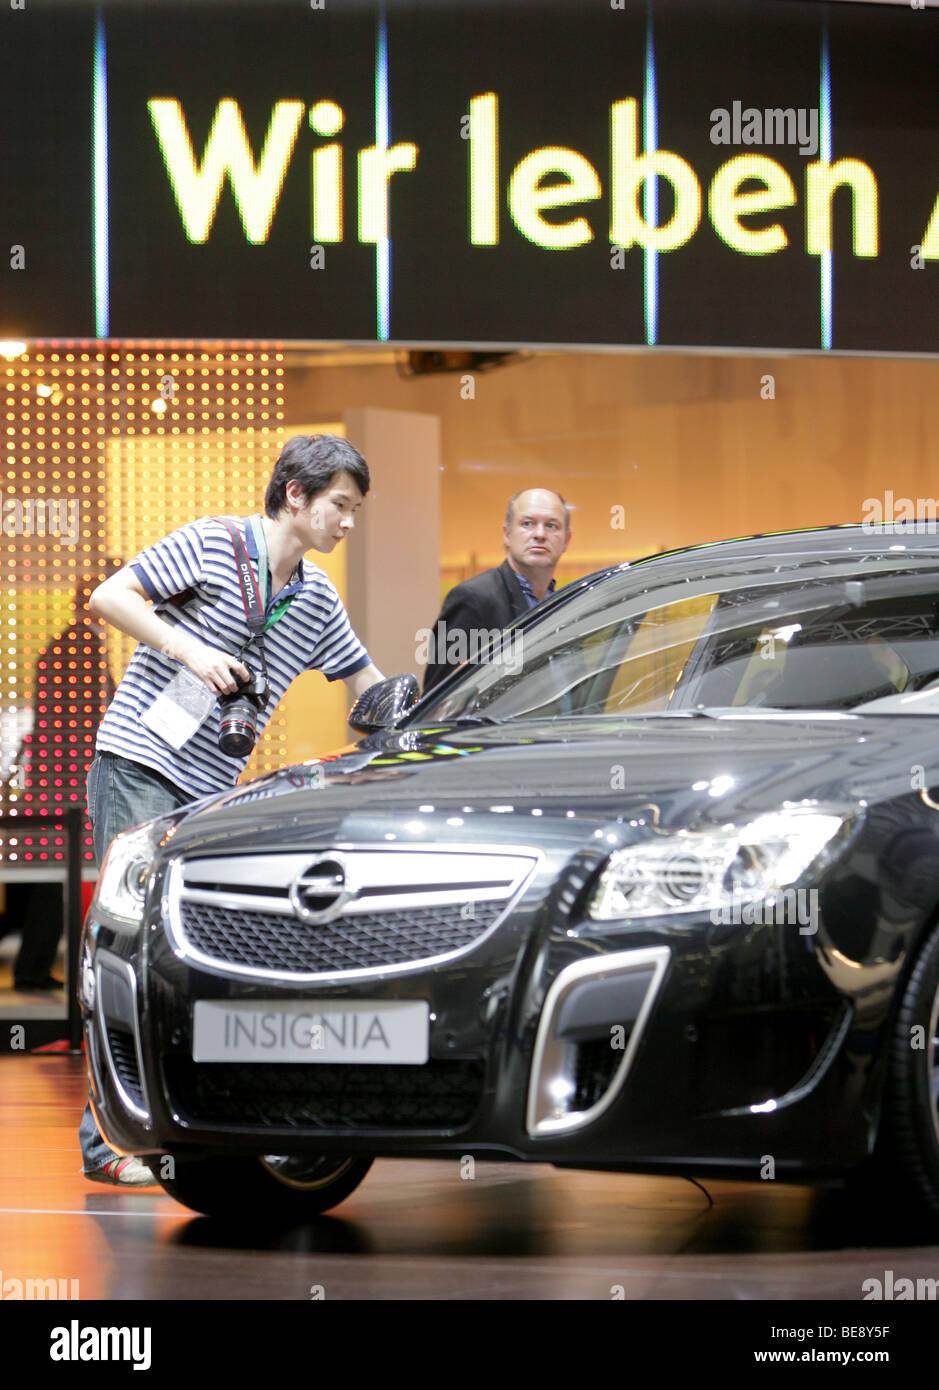 Visiteur à la nouvelle Opel Insignia à la 63. Salon de l'automobile IAA de Francfort/Allemagne Banque D'Images